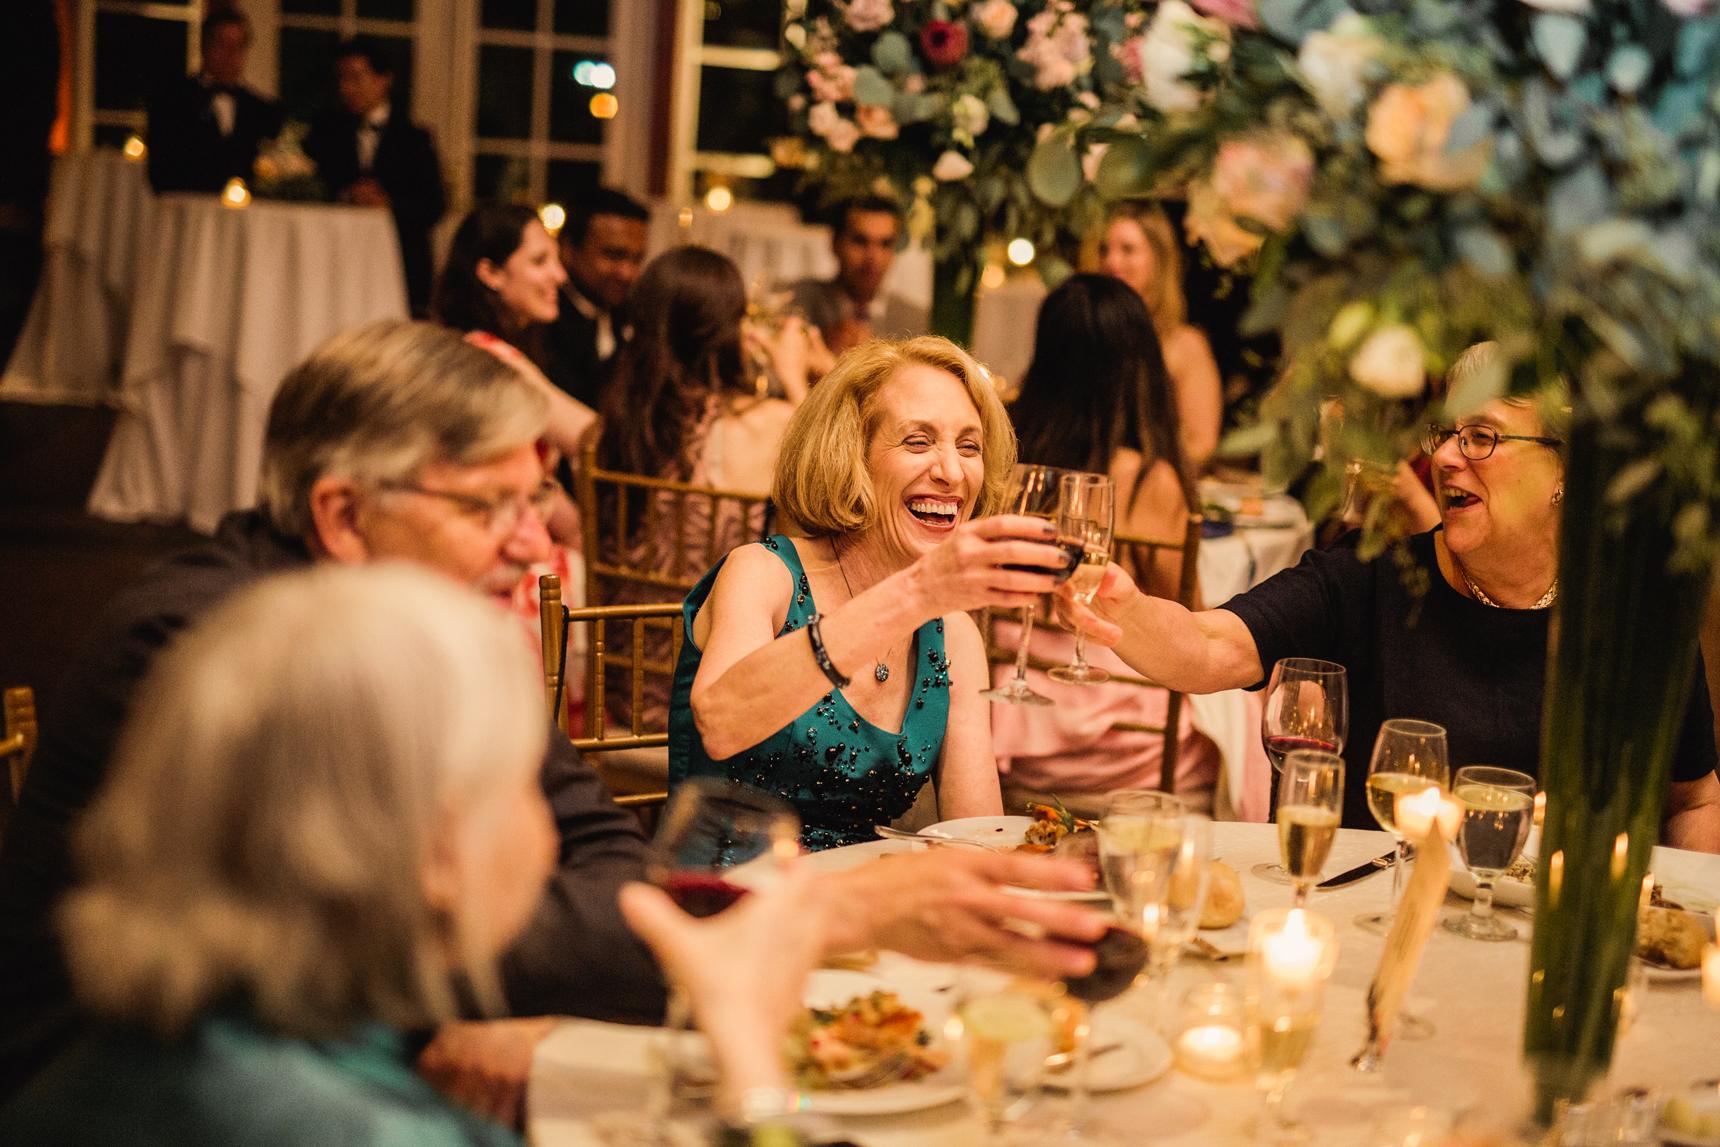 Jory_LoebBoathouse_CentralPark_NewYork_WeddingPhotographer132.jpg